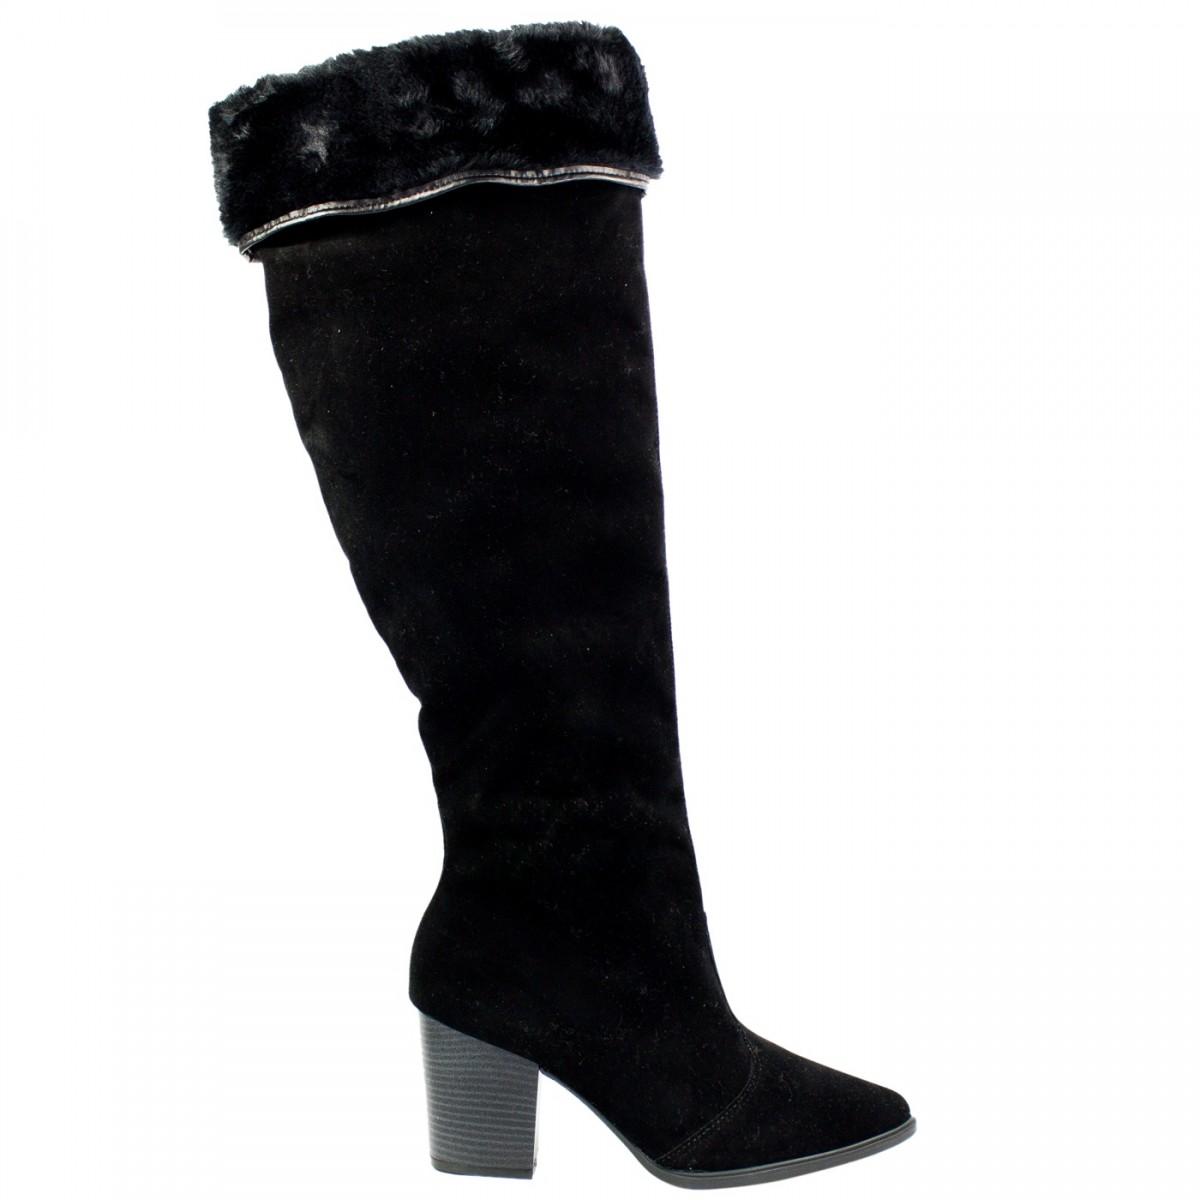 9ba131e5f Bizz Store - Bota Over The Knee Feminina Vizzano Camurção Preta